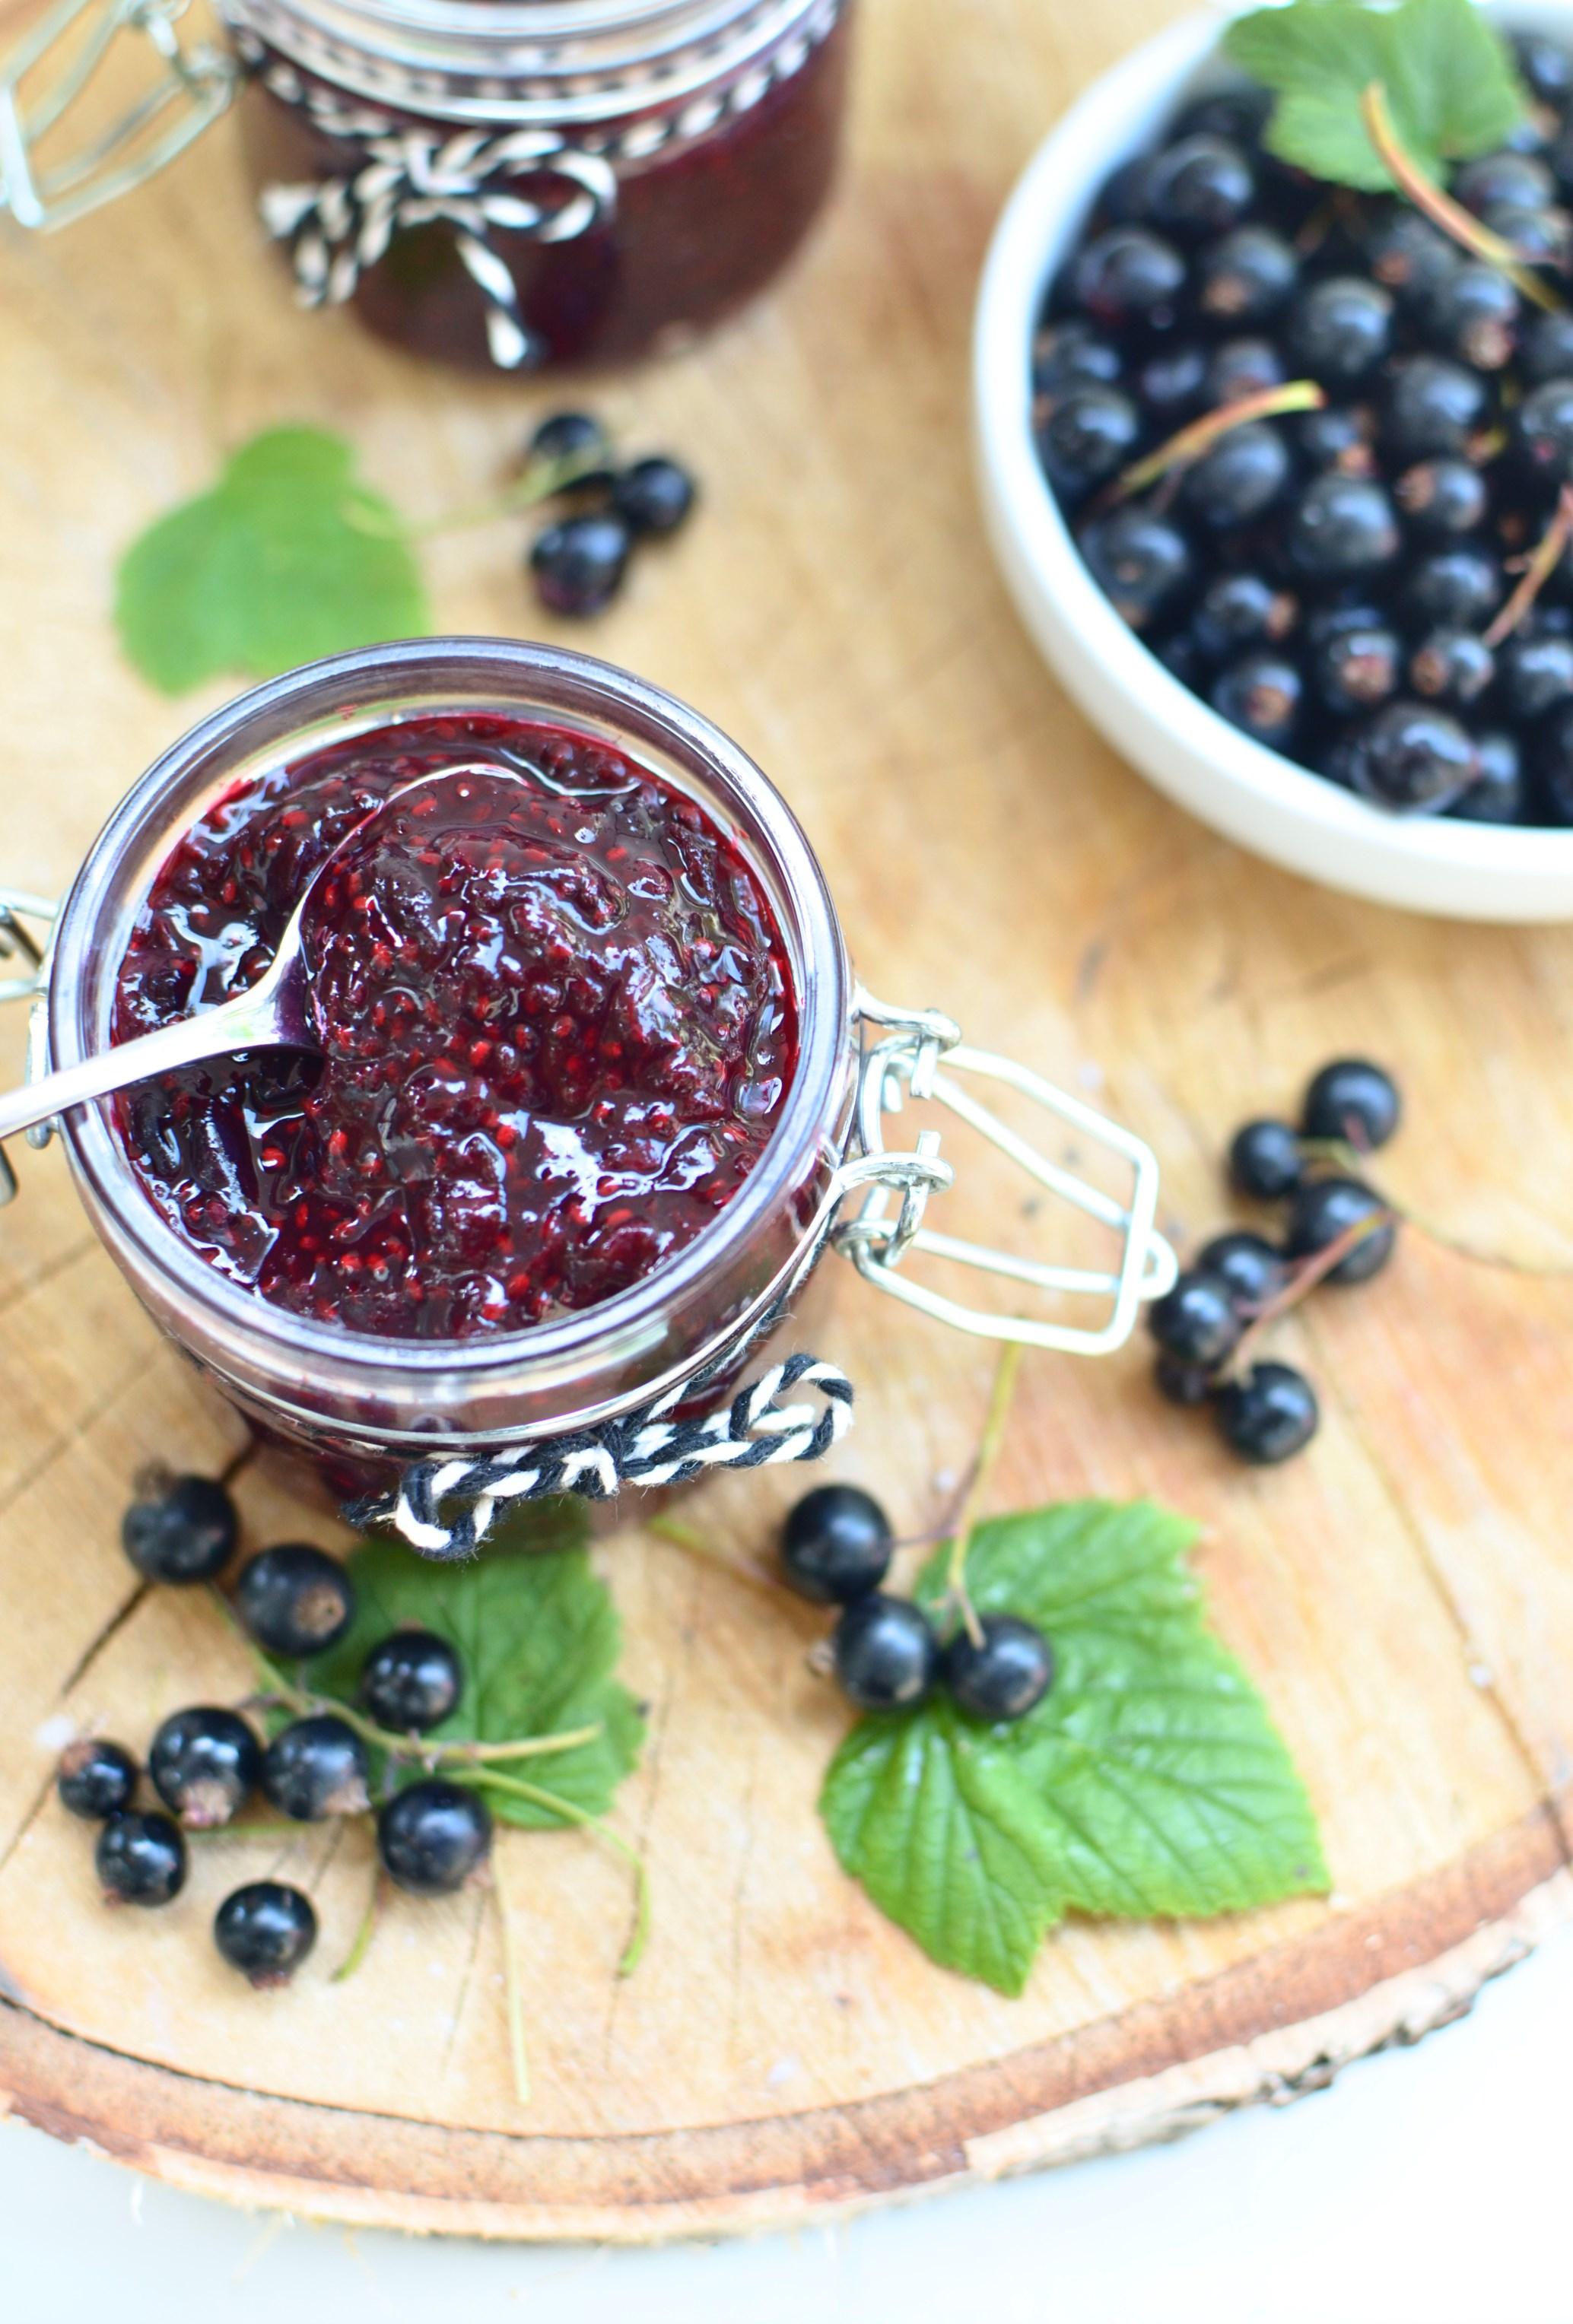 Black Currant & Gooseberry Chia jam